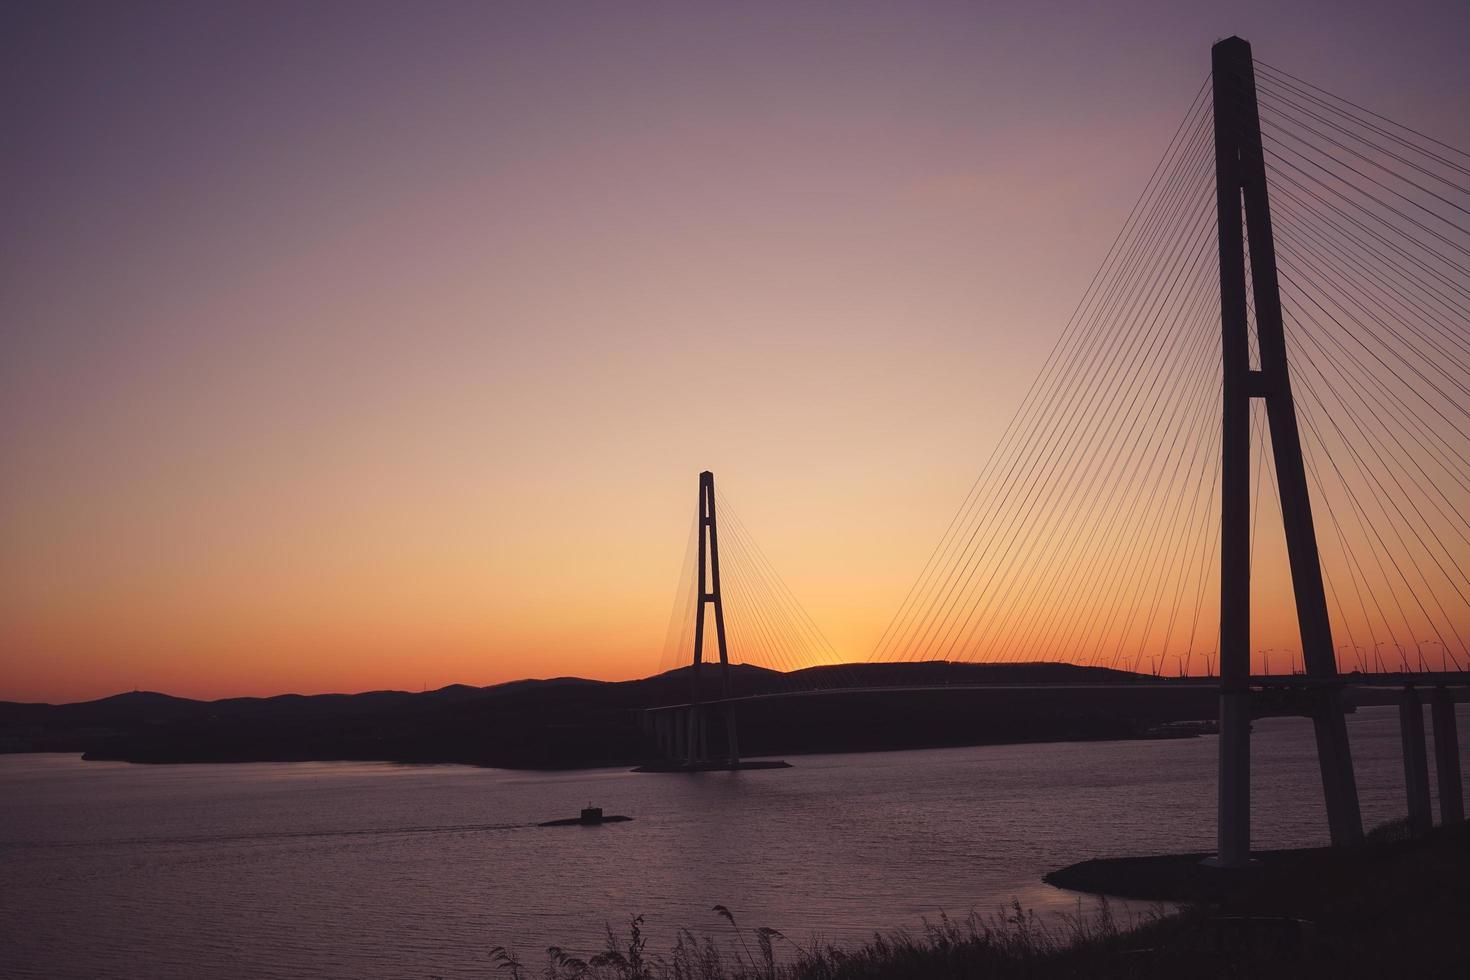 paesaggio marino con vista sul ponte russo al tramonto. foto